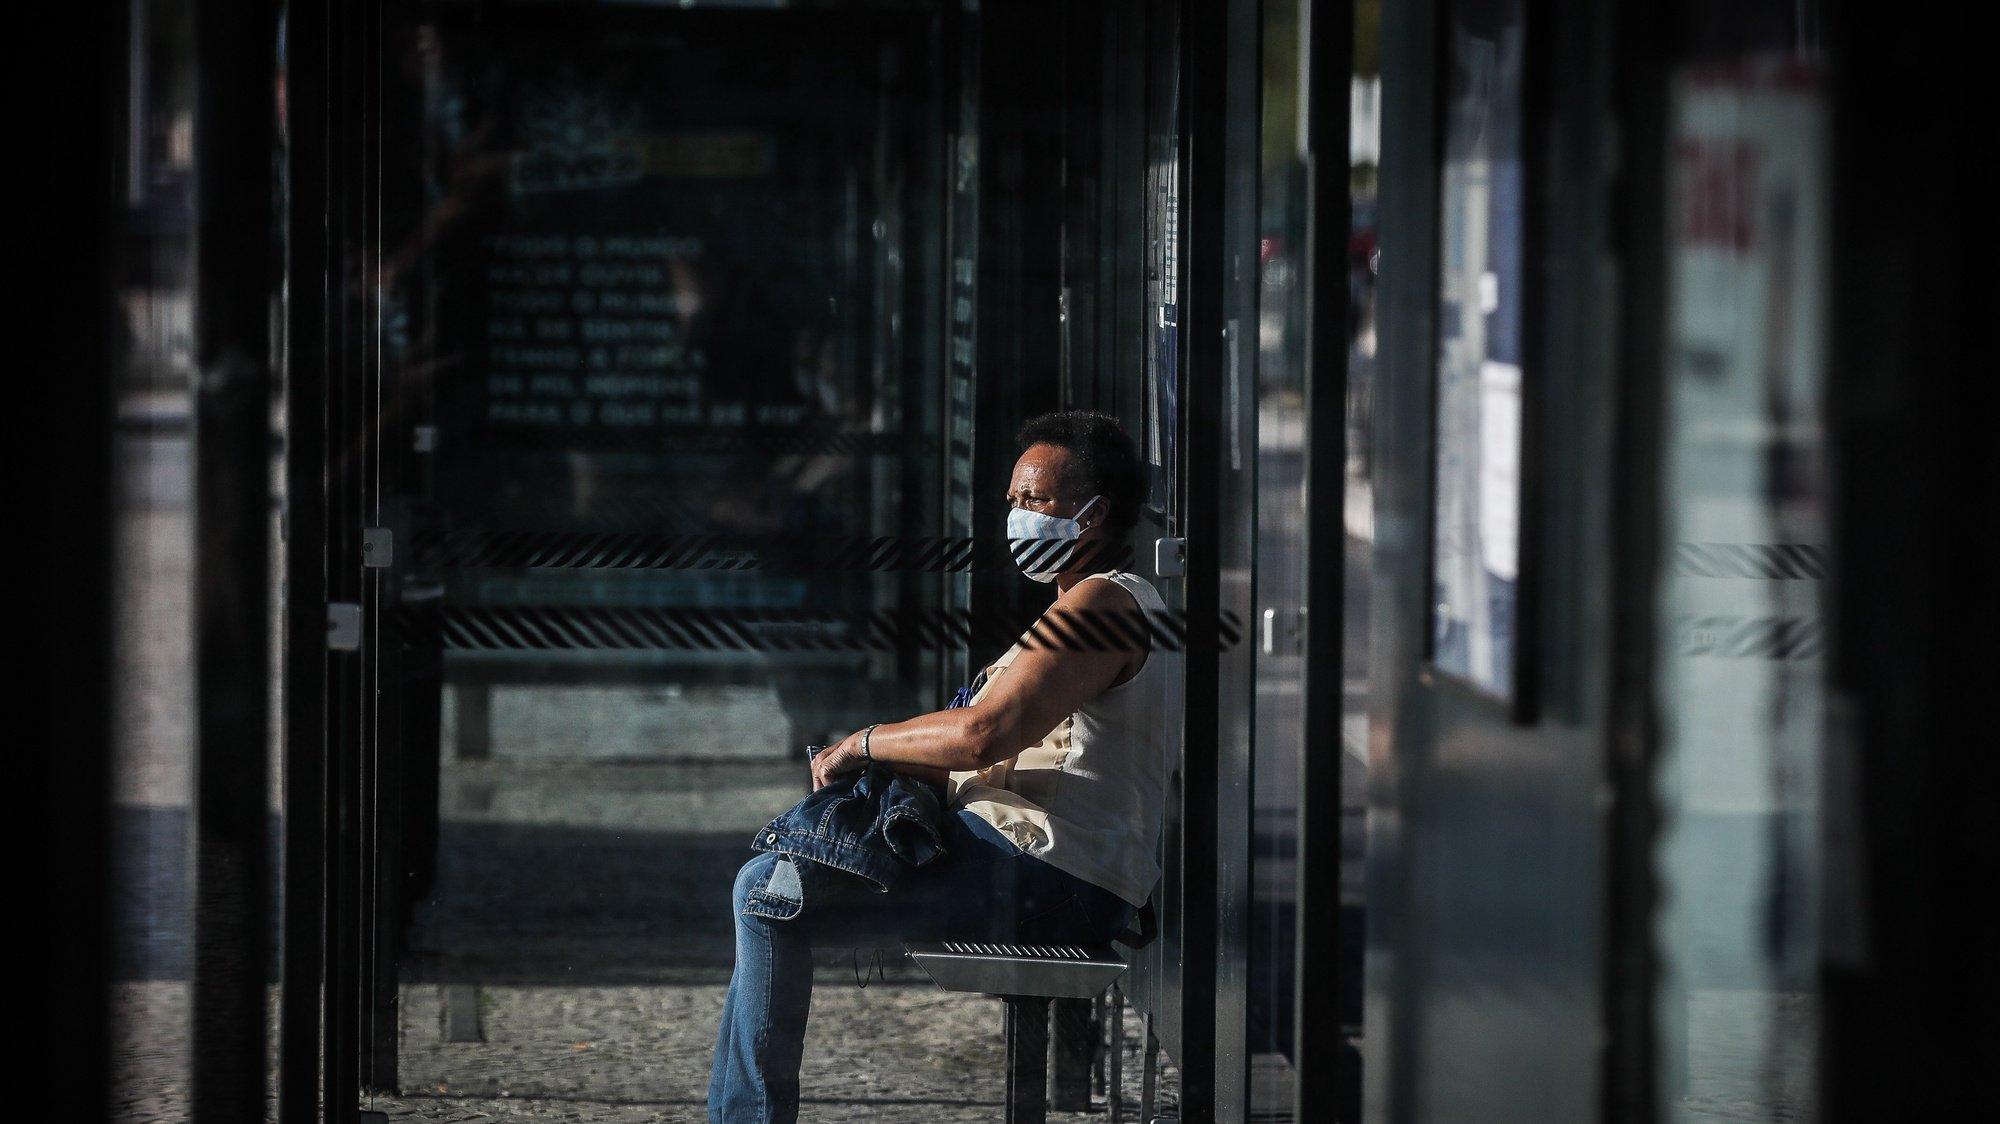 Uma pessoa espera por um autocarro dos Transportes Sul do Tejo (TST), em Cacilhas, Almada, 20 de maio de 2020. O transporte rodoviário foi reforçado com a entrada do segunda fase do desconfinamento devido à pandemia da covid-19, apesar disso as carreiras continuam com poucas pessoas o que contrasta com a grande utilização dos transportes fluviais da Transtejo/Soflusa. (ACOMPANHA TEXTO). MÁRIO CRUZ/LUSA